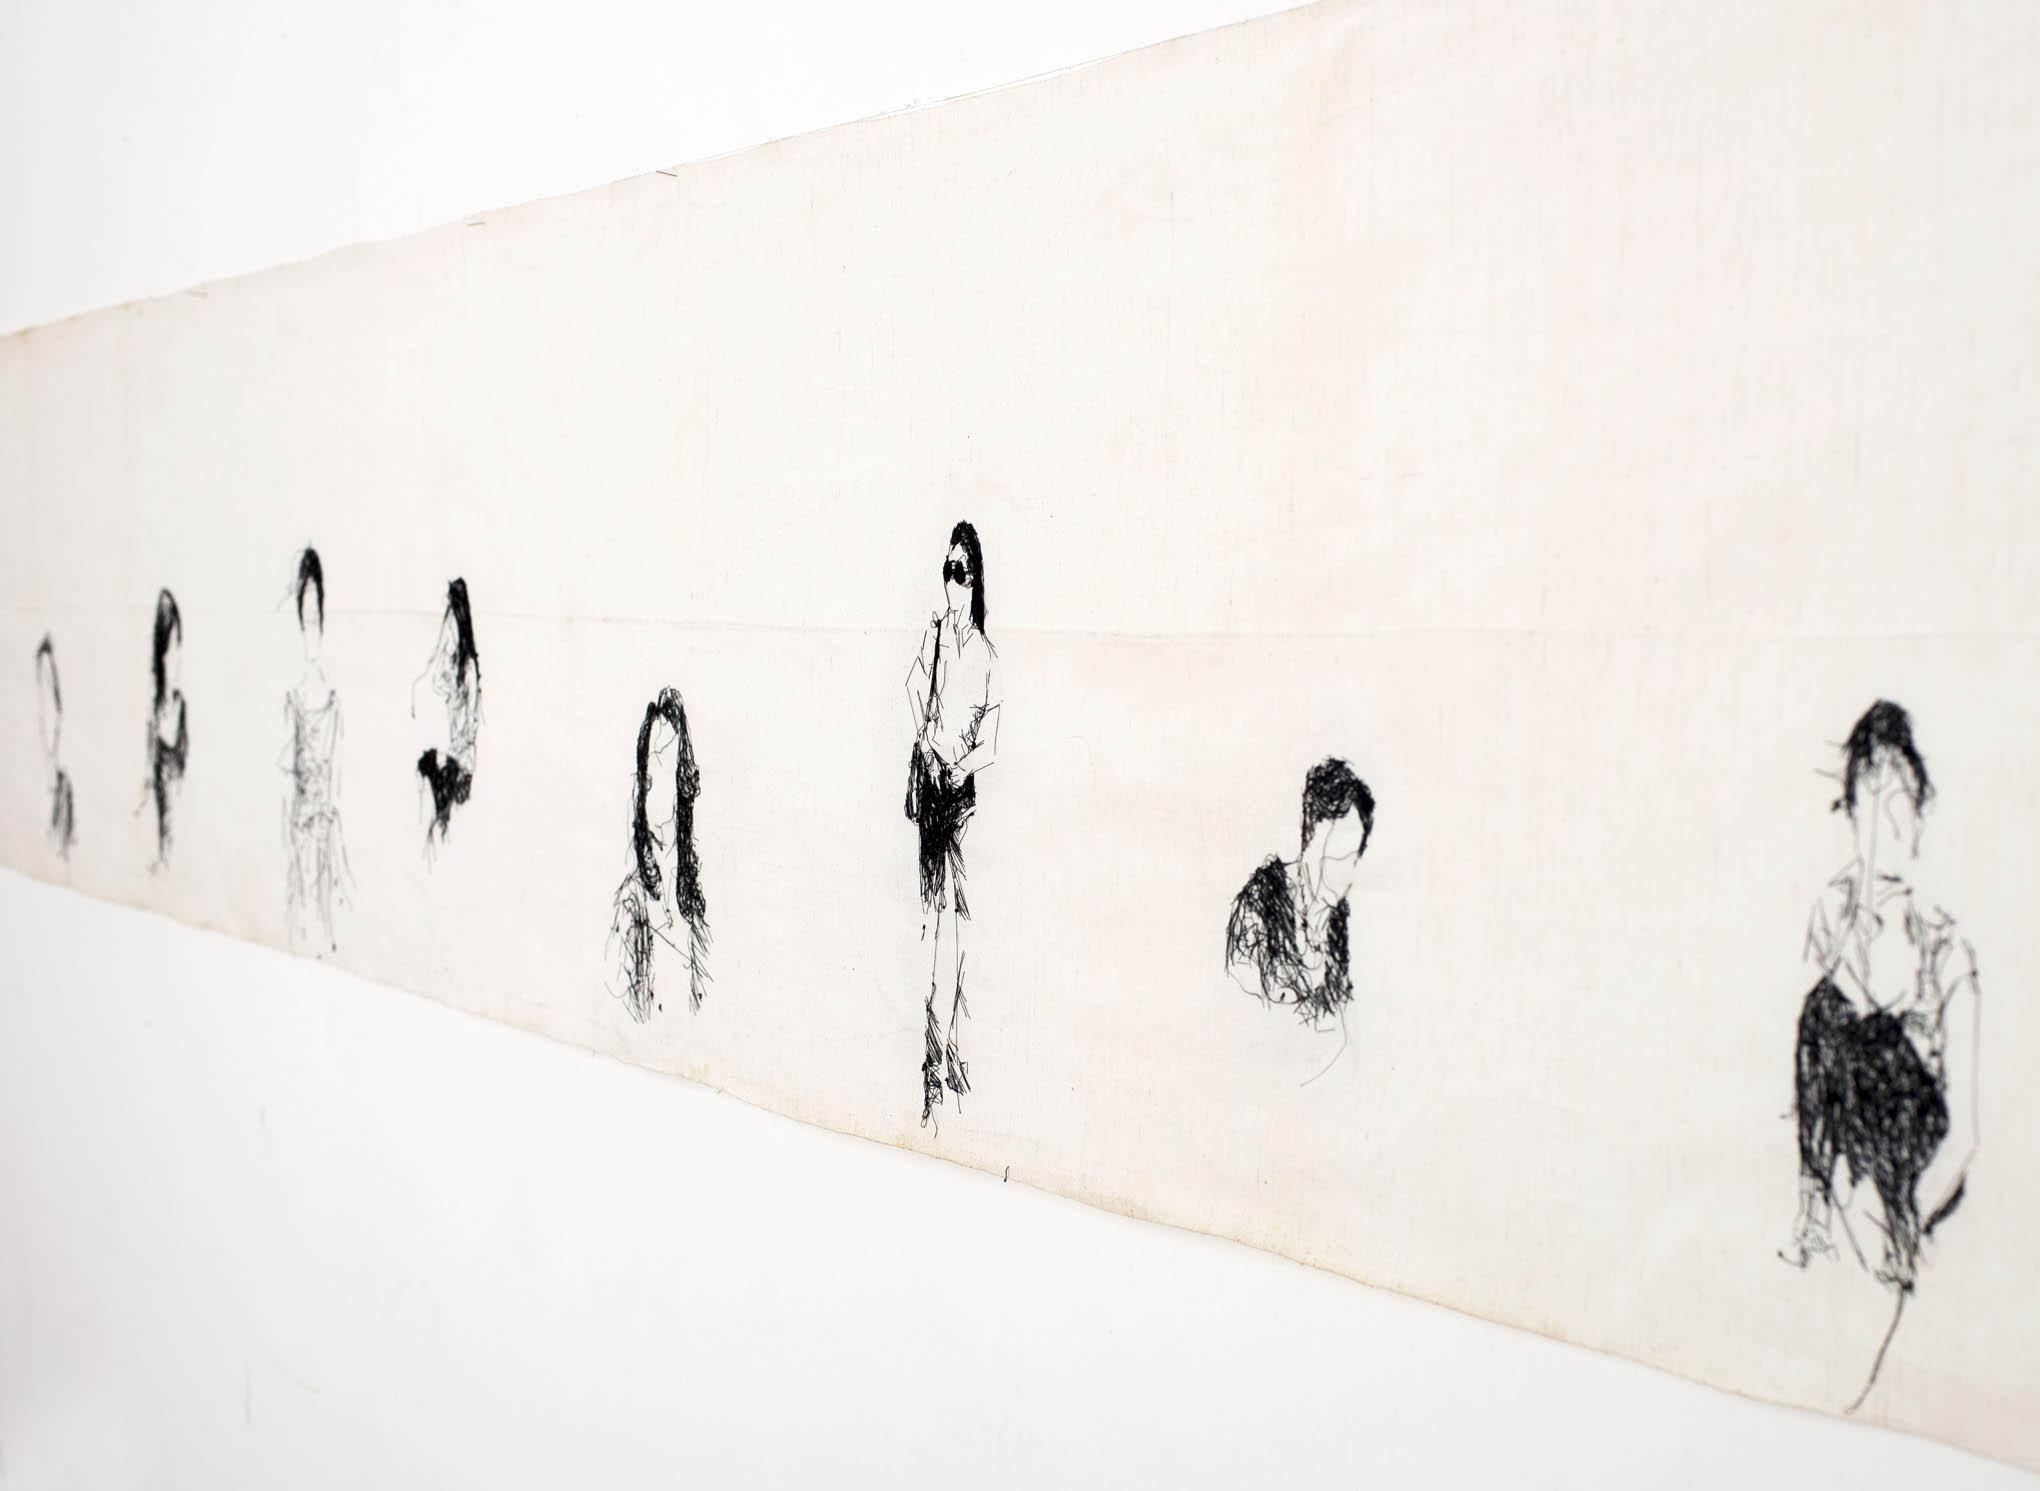 Elena Nonnis, Comparse, 2014